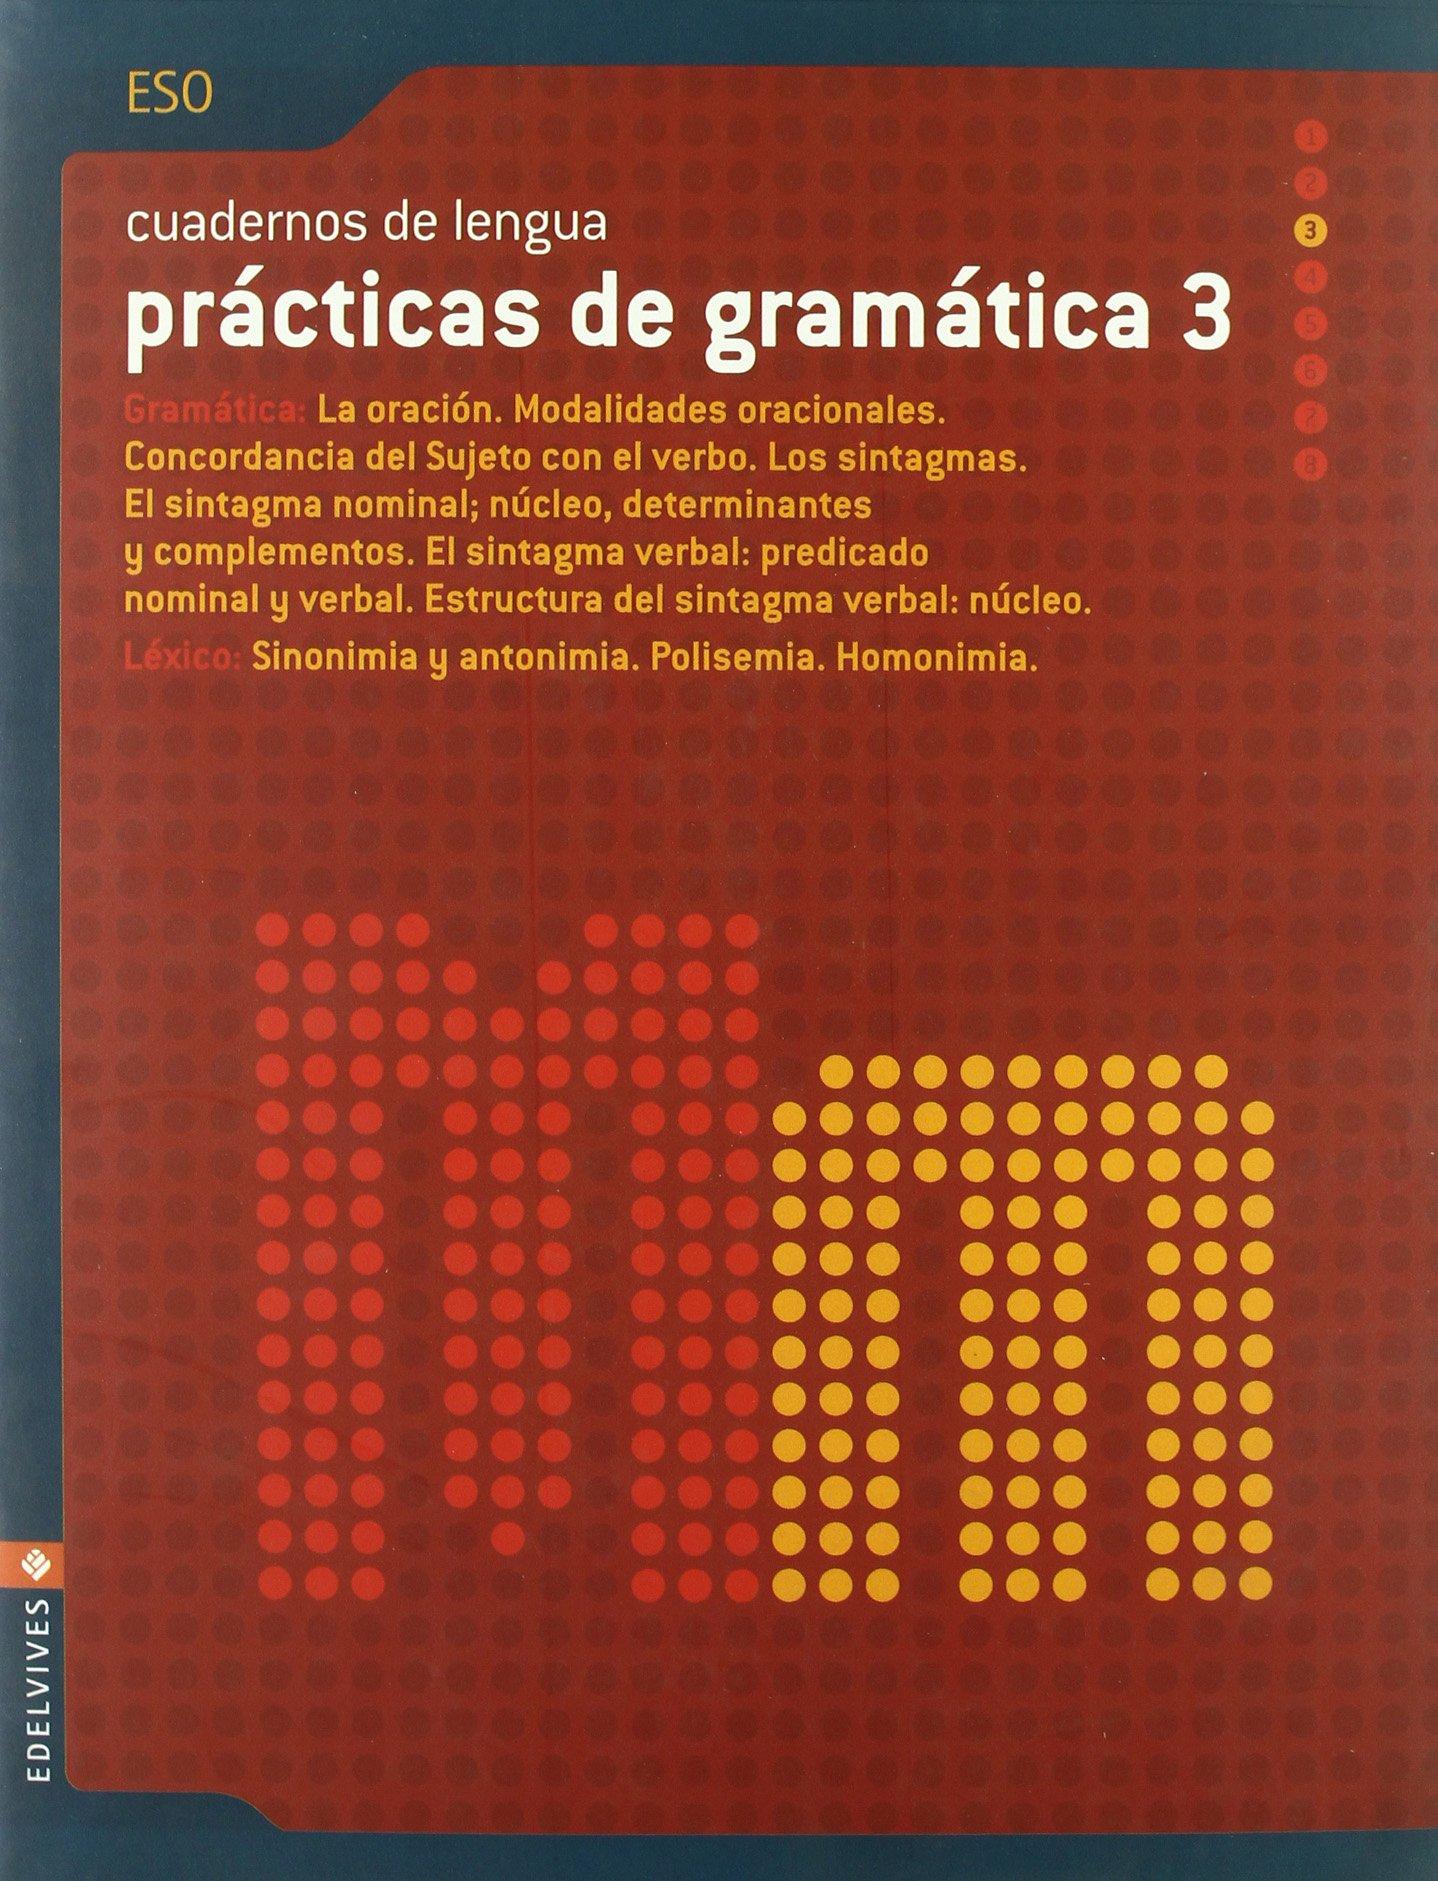 Prácticas Gramática ESO 3: Amazon.es: Luis Miguel Godoy Gómez, Francisco Martínez Cuadrado, Mª Reyes Morilla Díaz: Libros